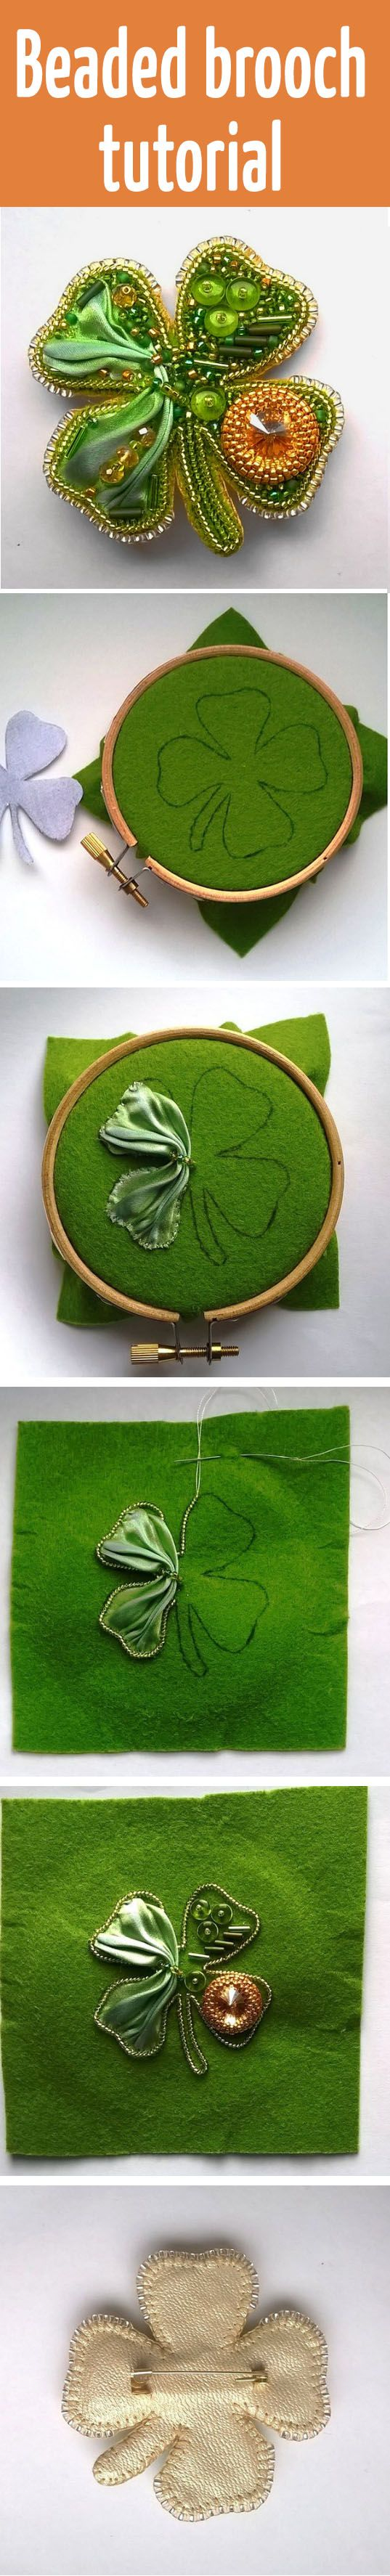 Beaded brooch tutorial